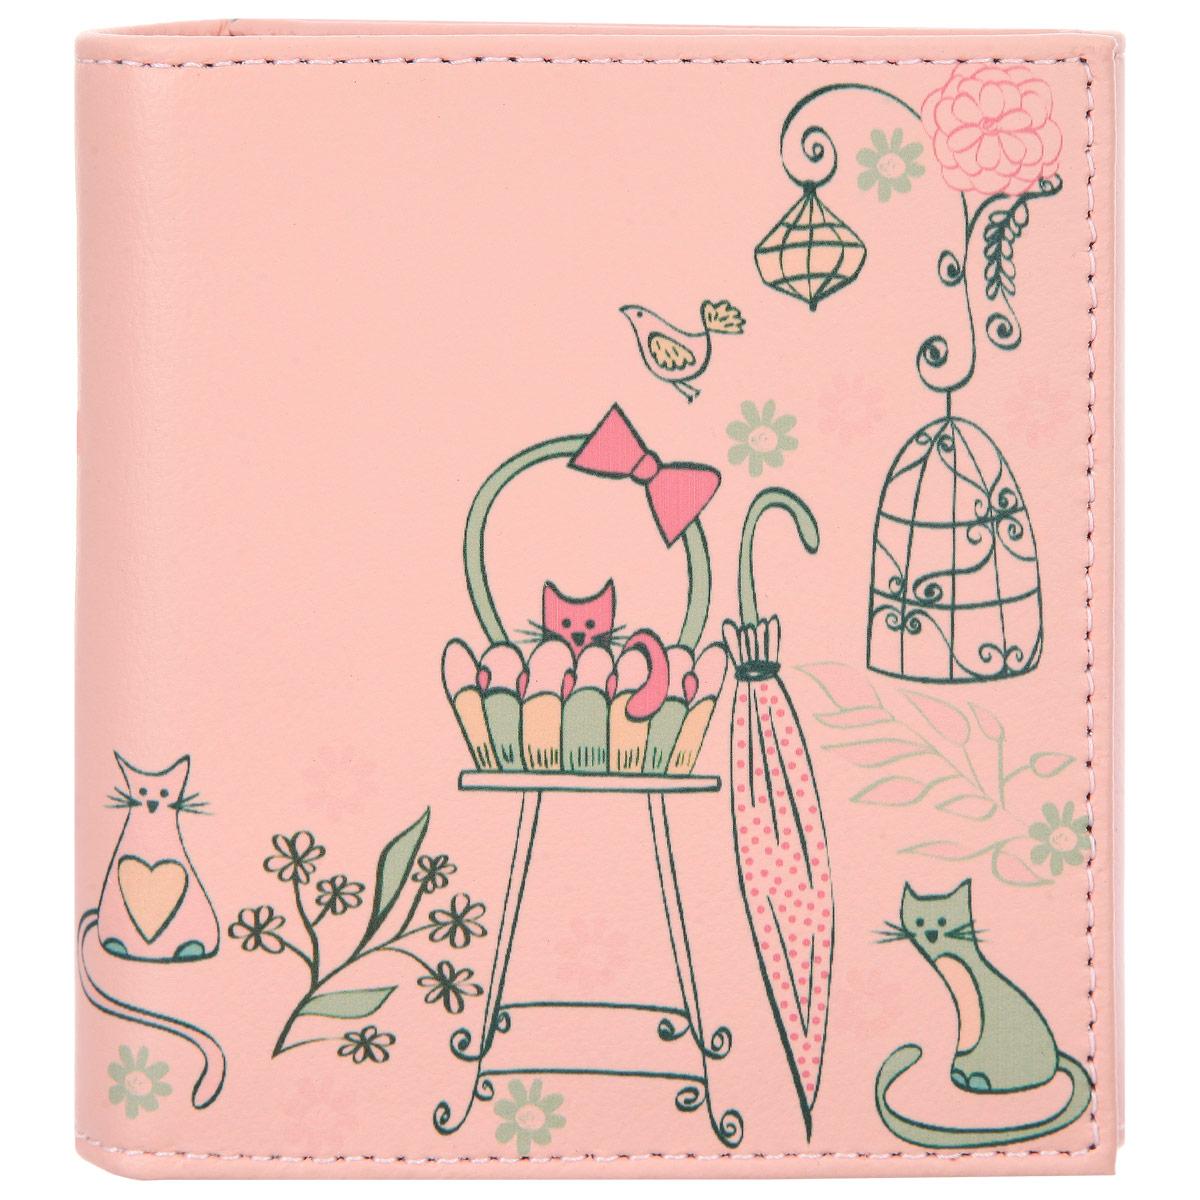 Кошелек женский Befler Kitty, цвет: розовый. PJ.120.-7.TGPJ.120.-7.KITTY розовыйСтильный женский кошелек Befler Kitty выполнен из натуральной кожи и оформлен художественной печатью с изображением кошек. Кошелек раскладывается пополам и застегивается на кнопку. Внутри расположены: одно отделение для купюр, шесть кармашков для пластиковых карт или визиток. Снаружи размещен карман для мелочи на кнопке. Такой кошелек станет прекрасным и стильным подарком человеку, любящему оригинальные и практичные вещи.